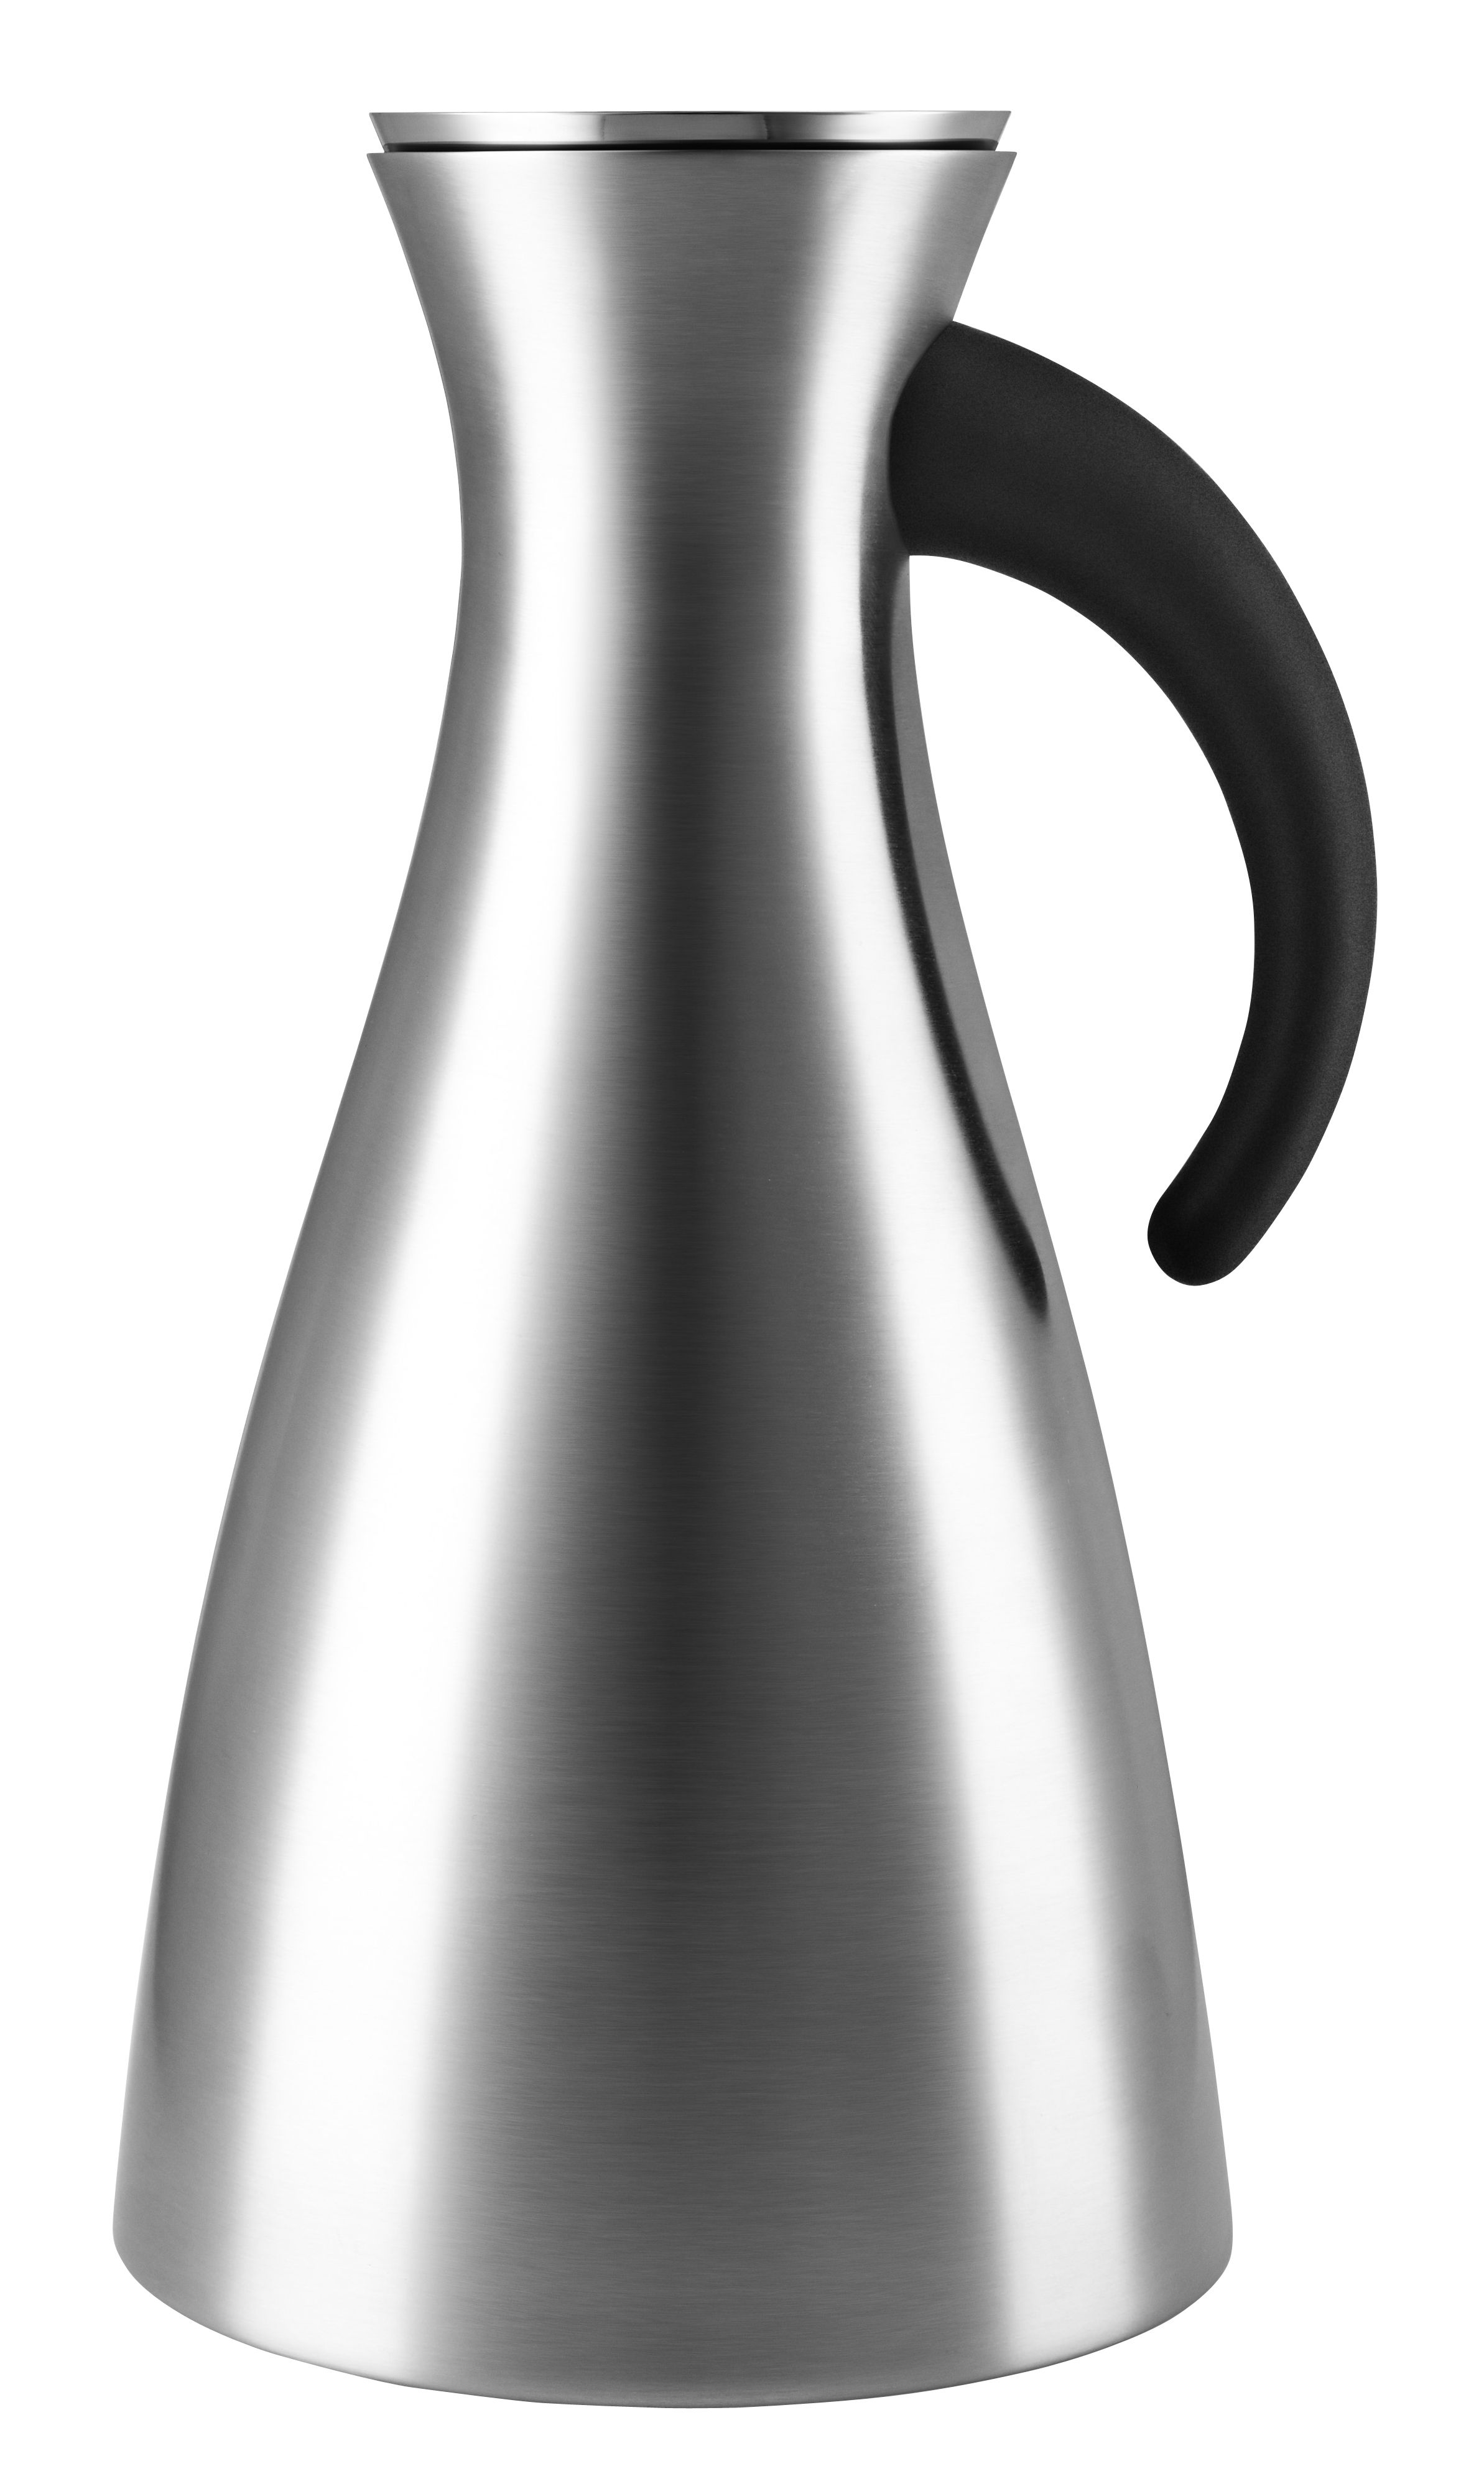 Tischkultur - Tee und Kaffee - Isolierkrug 1 l / Ø 15,5 cm x H 29 cm - Eva Solo - Gebürsteter Stahl - gebürsteter rostfreier Stahl, Thermoplastique